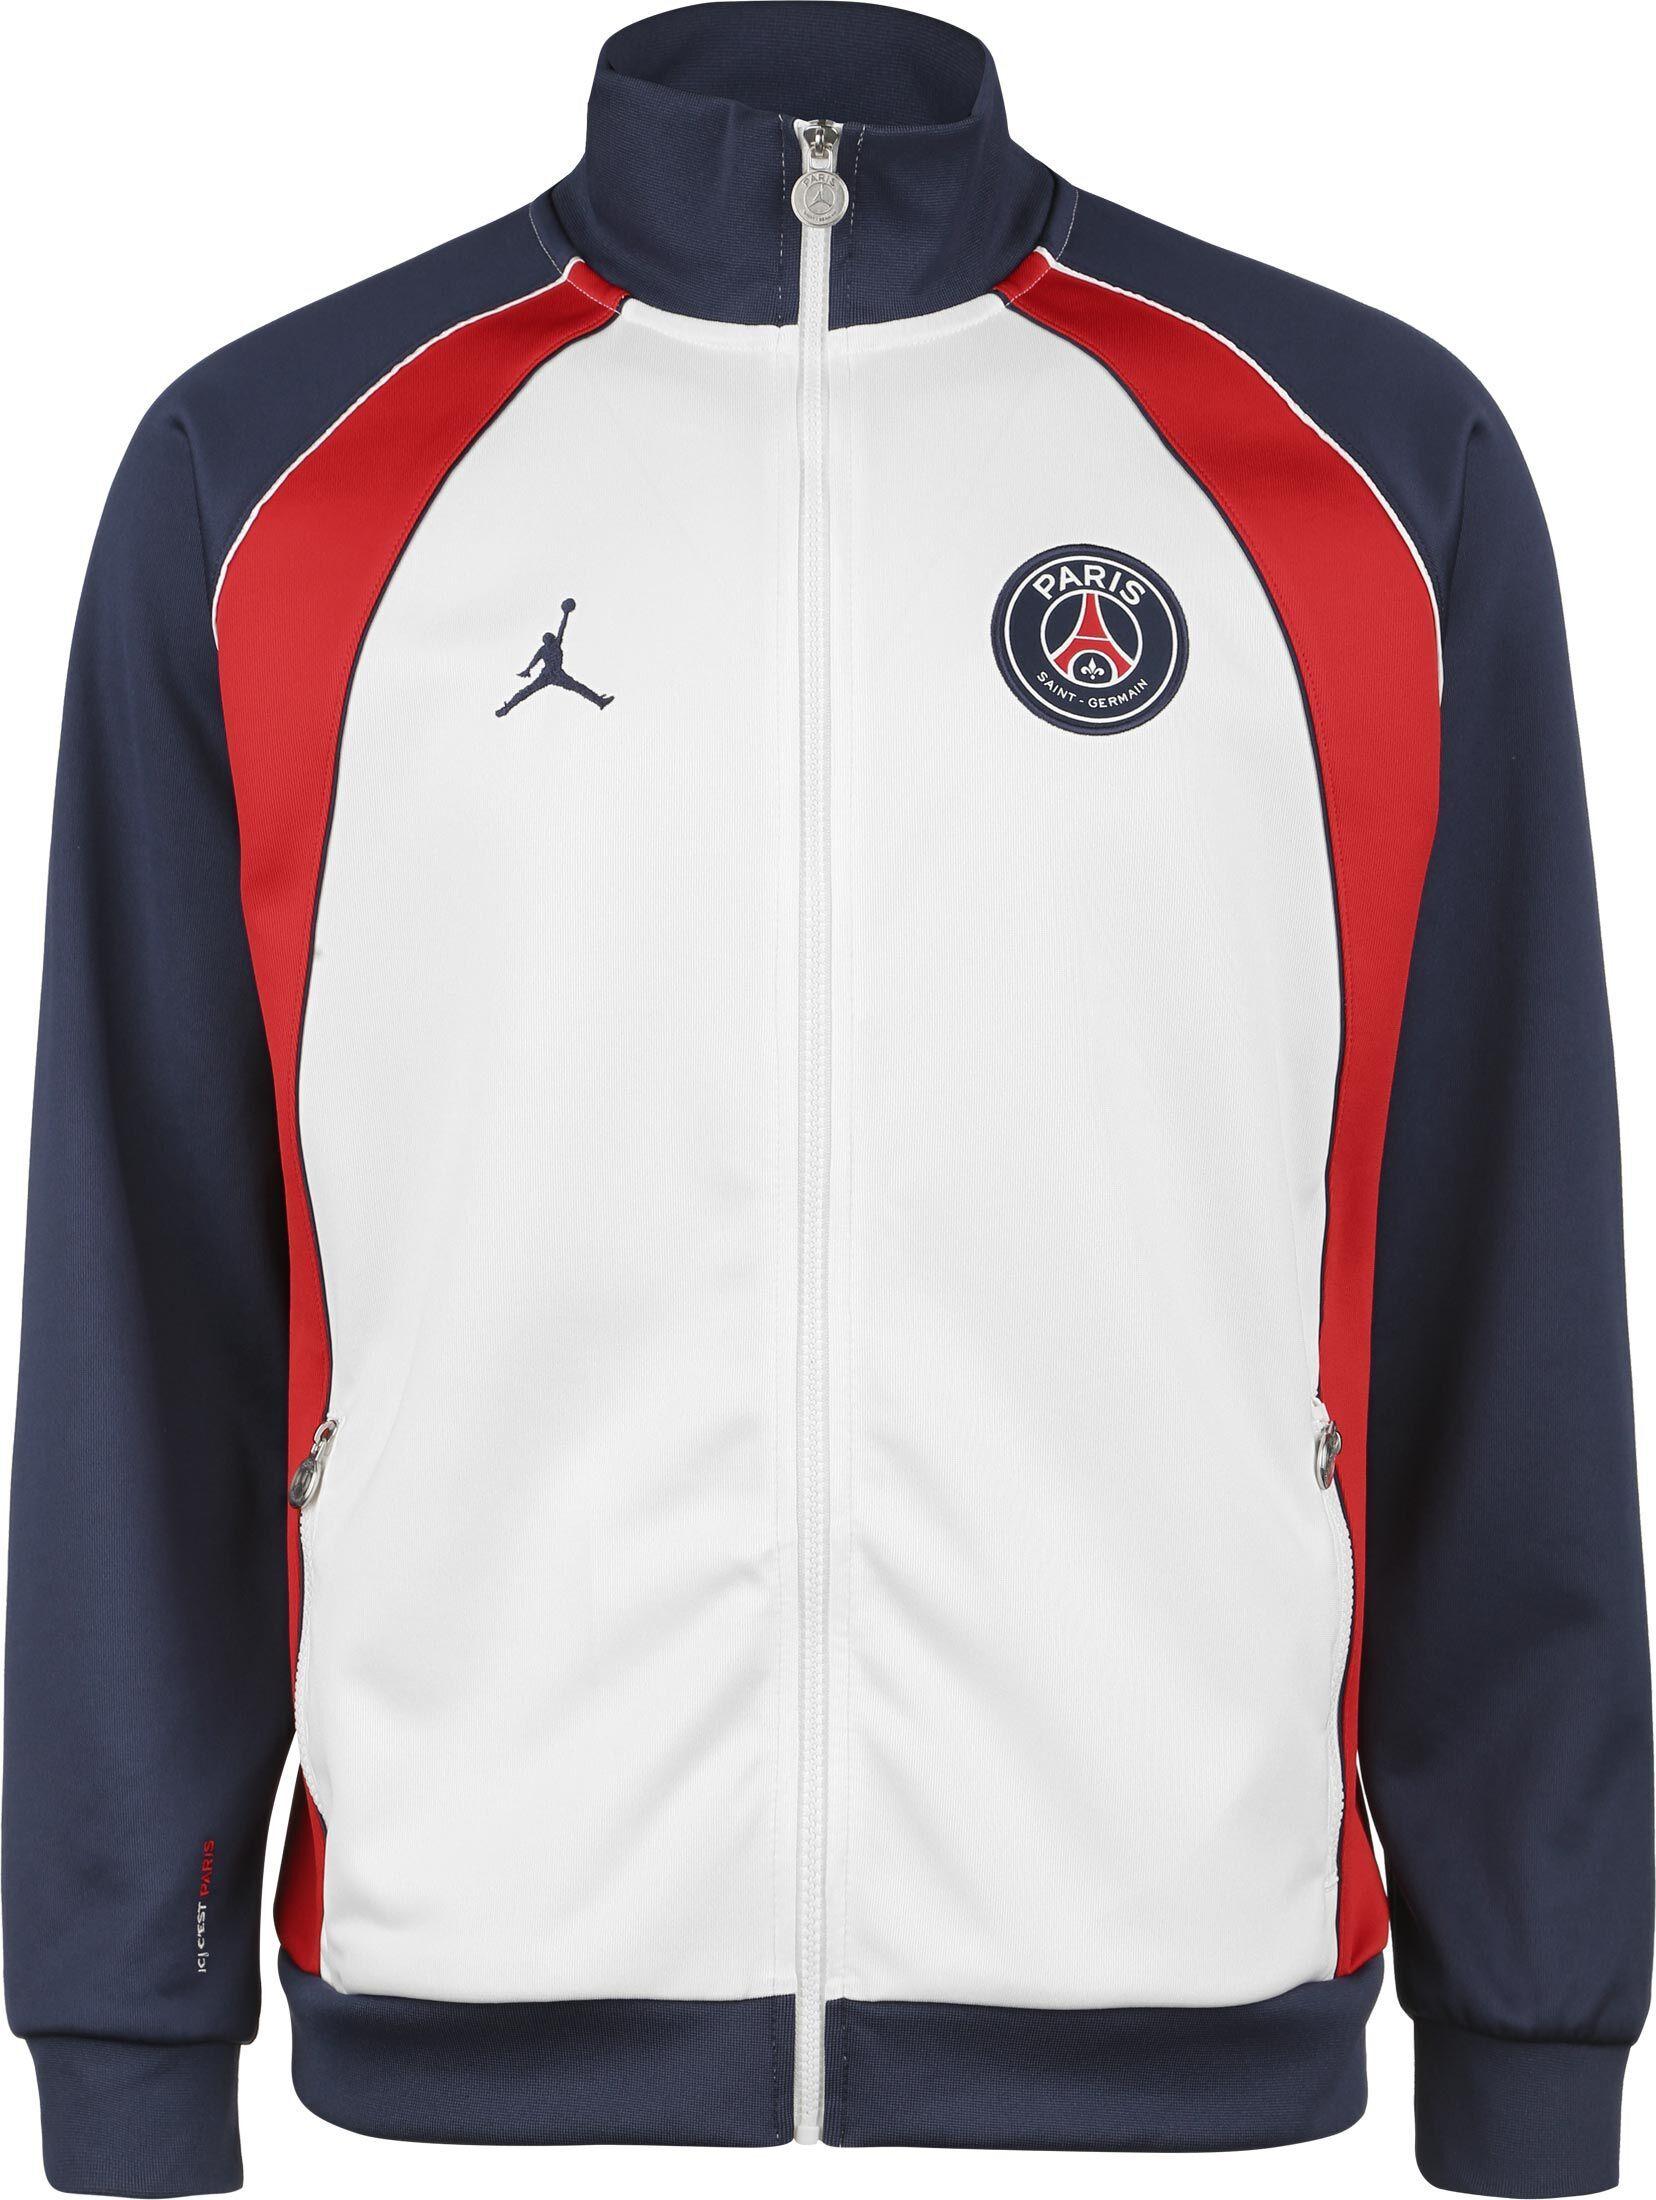 Jordan Paris Saint-Germain, taille M, homme, blanc bleu rouge